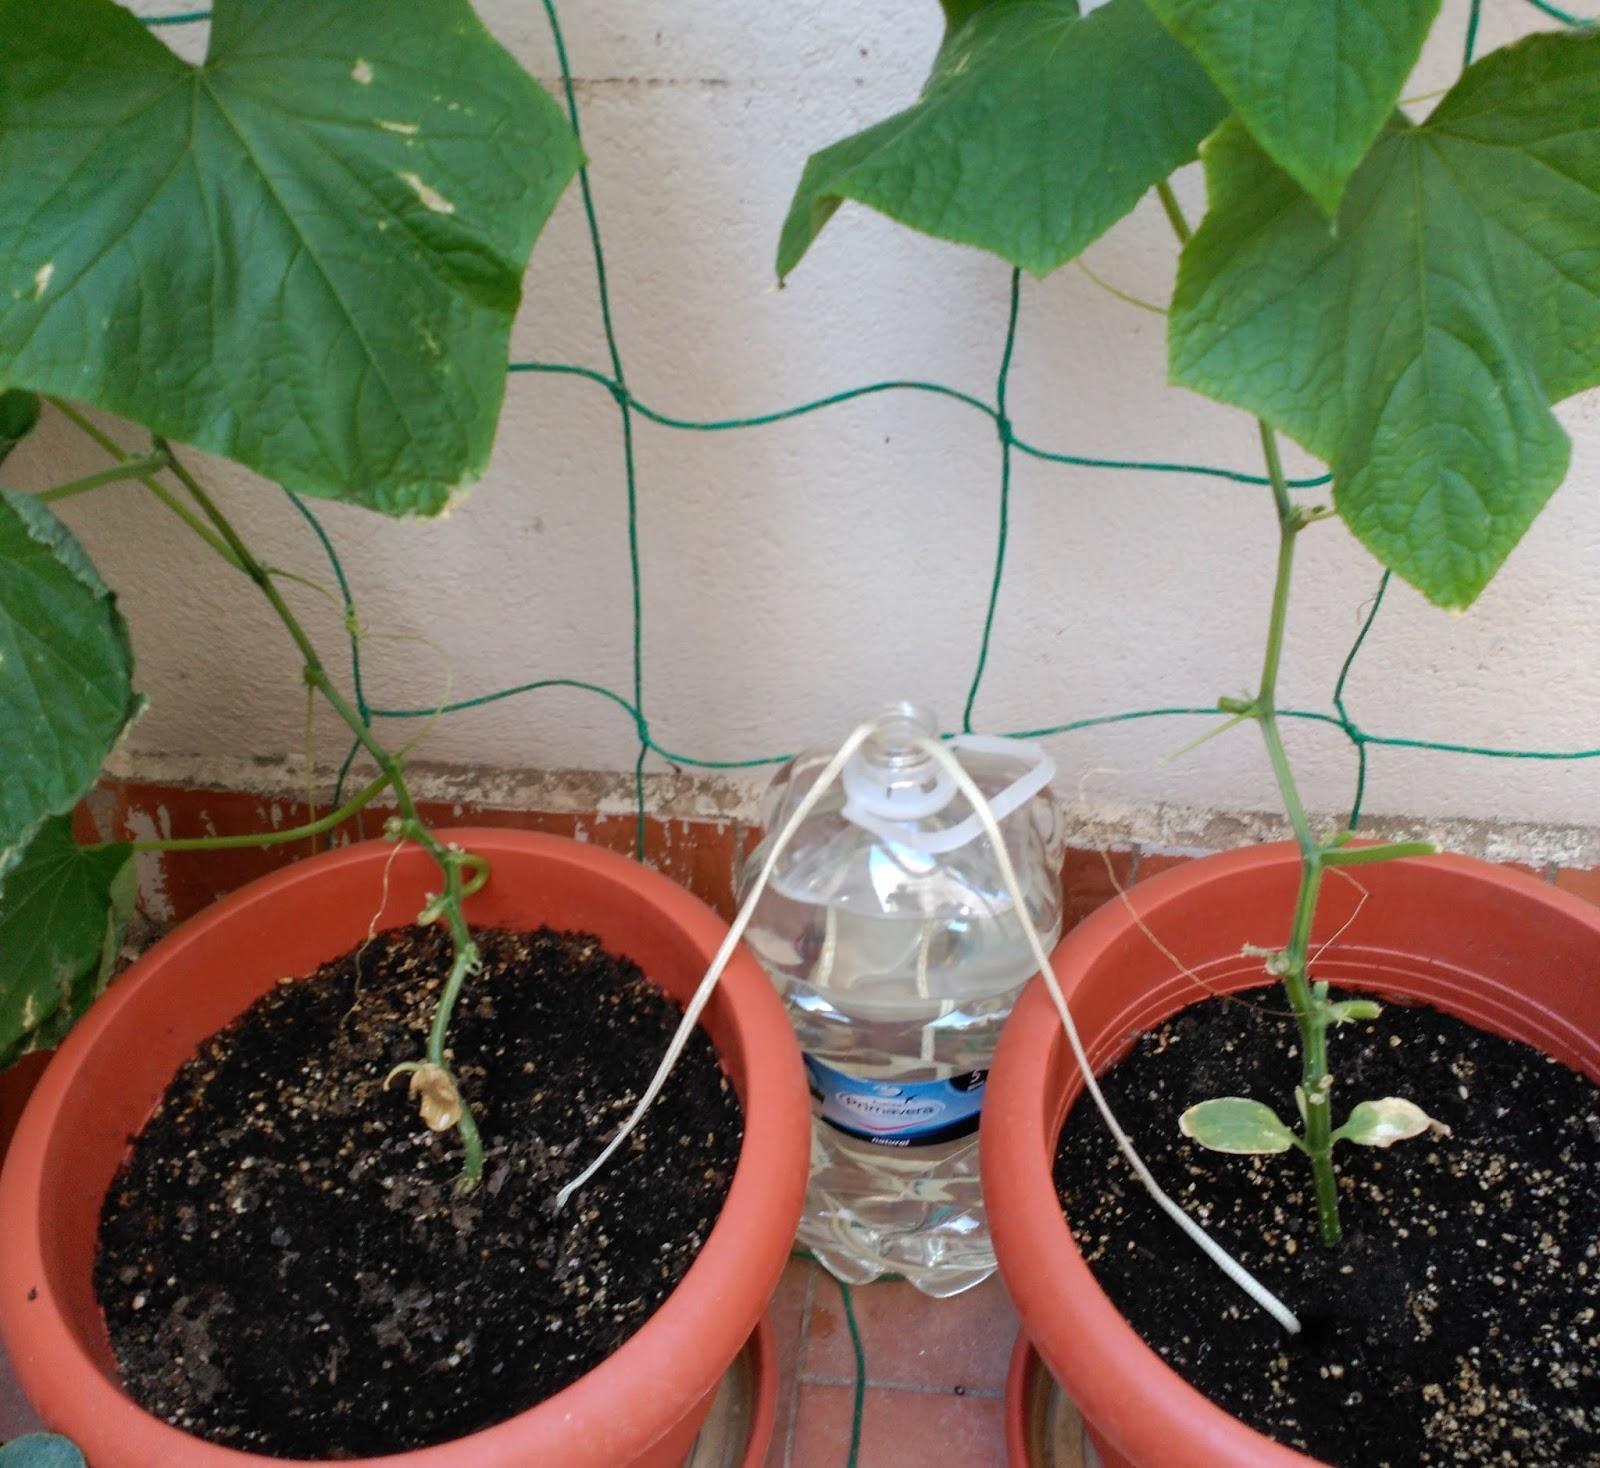 Huerto casero de quiquet sistema de riego capilar con for Plantas beneficiosas para el huerto